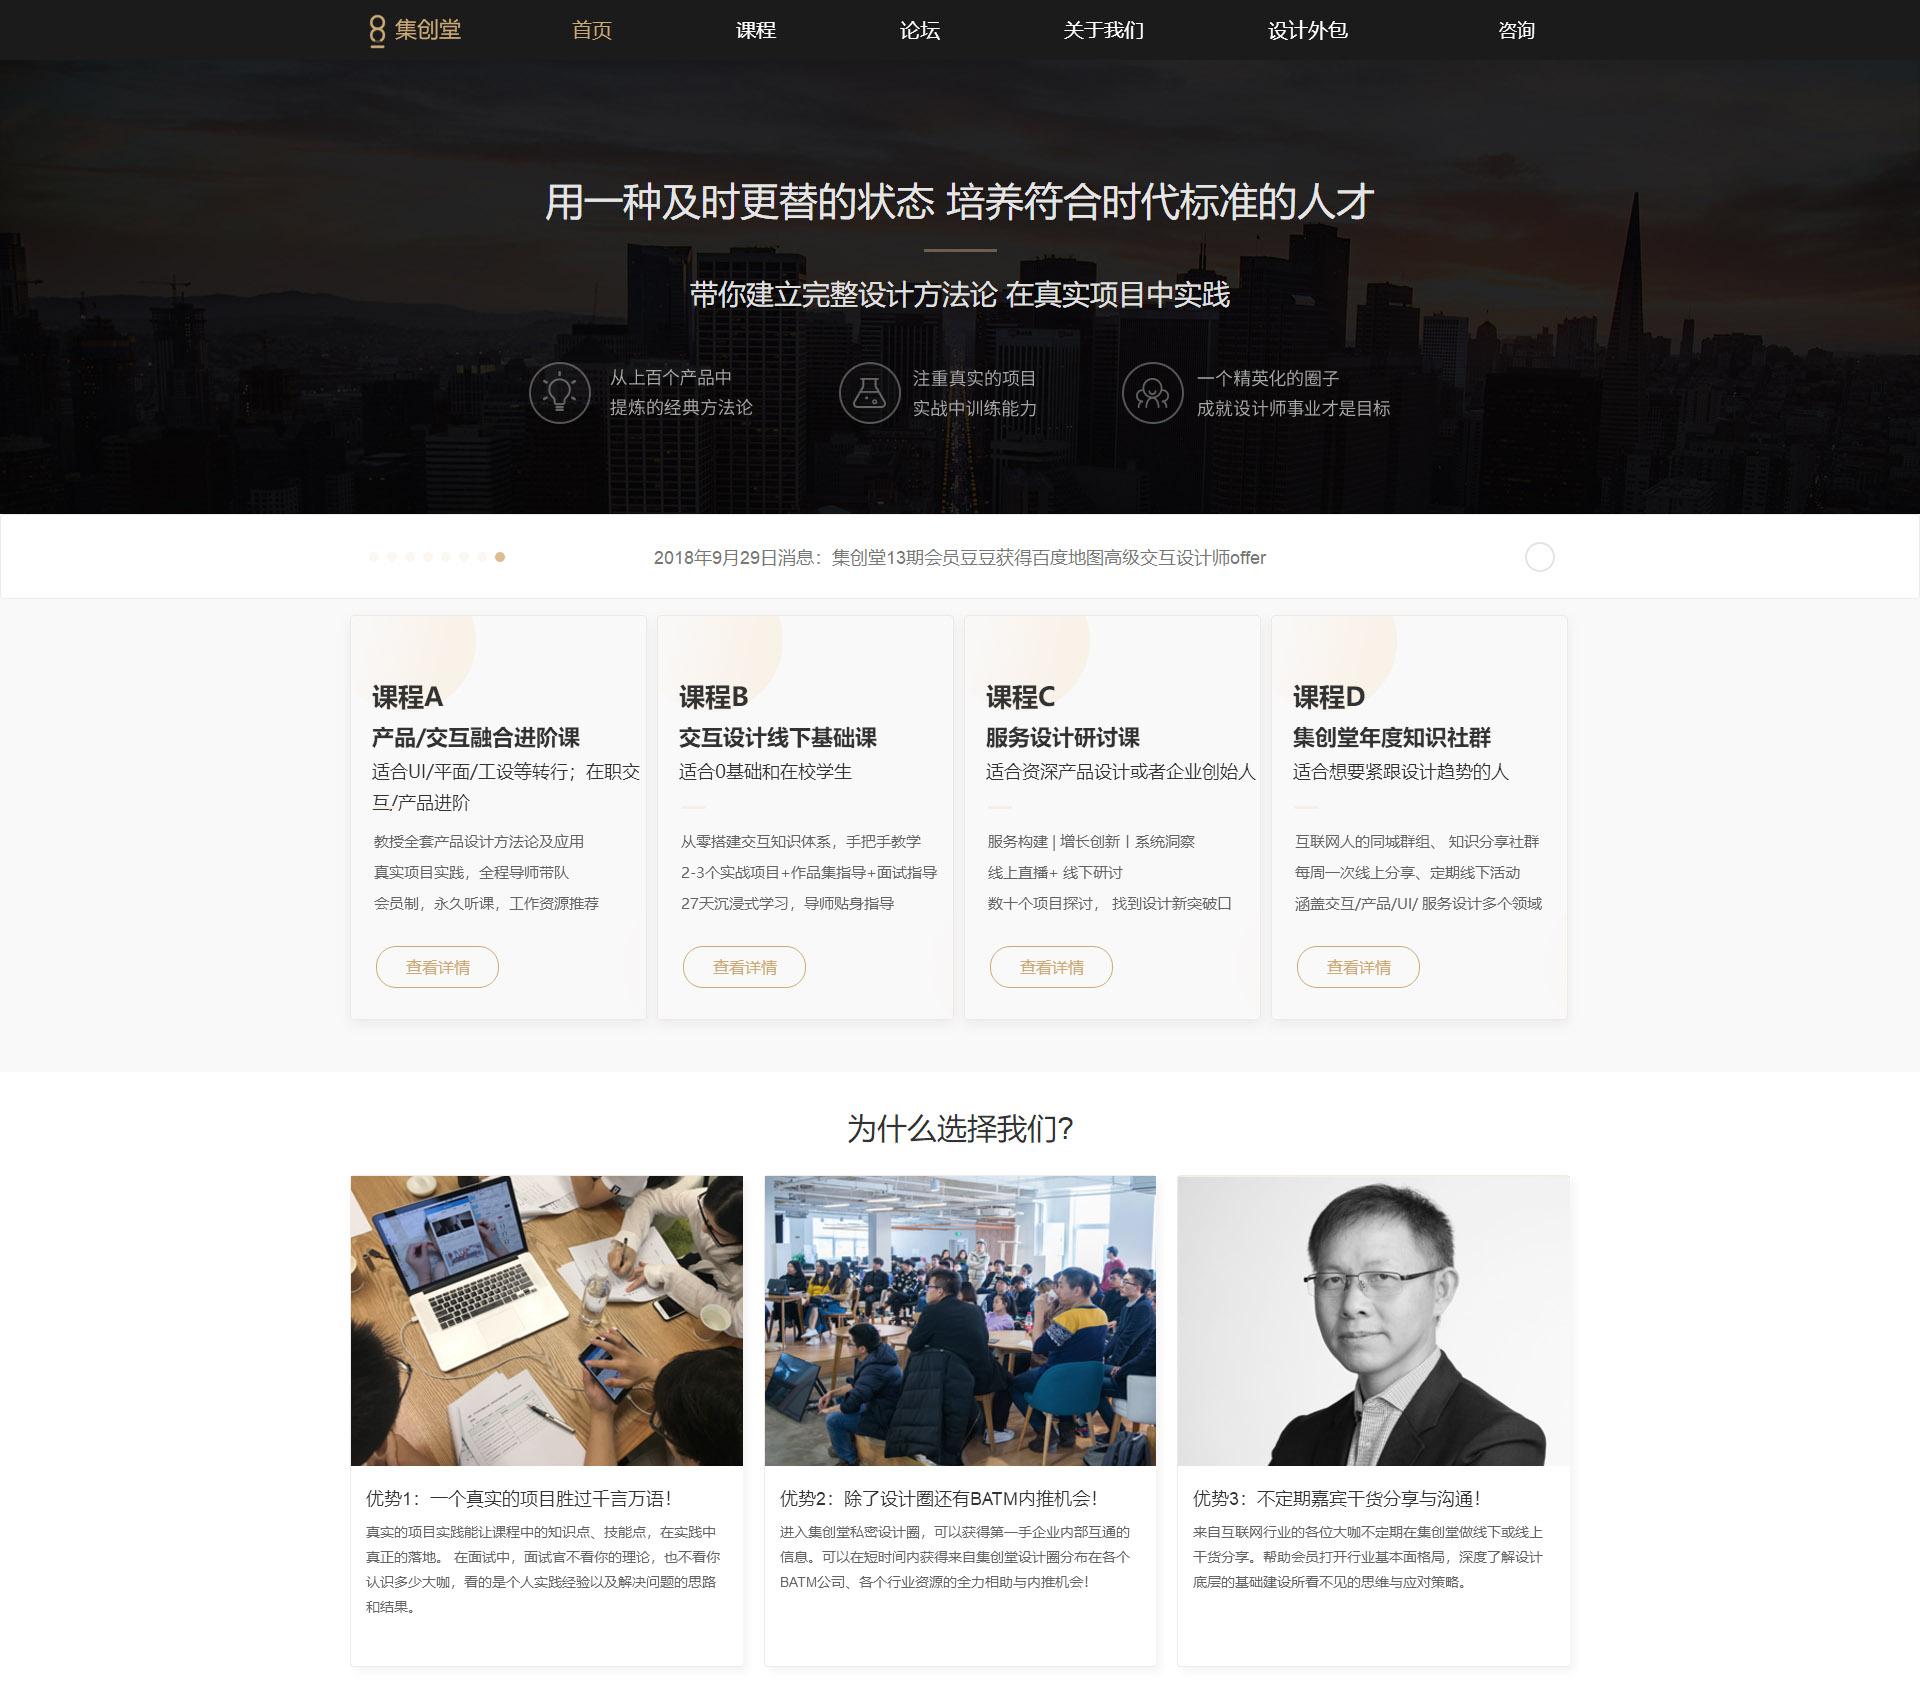 功能性网站开发 集创堂